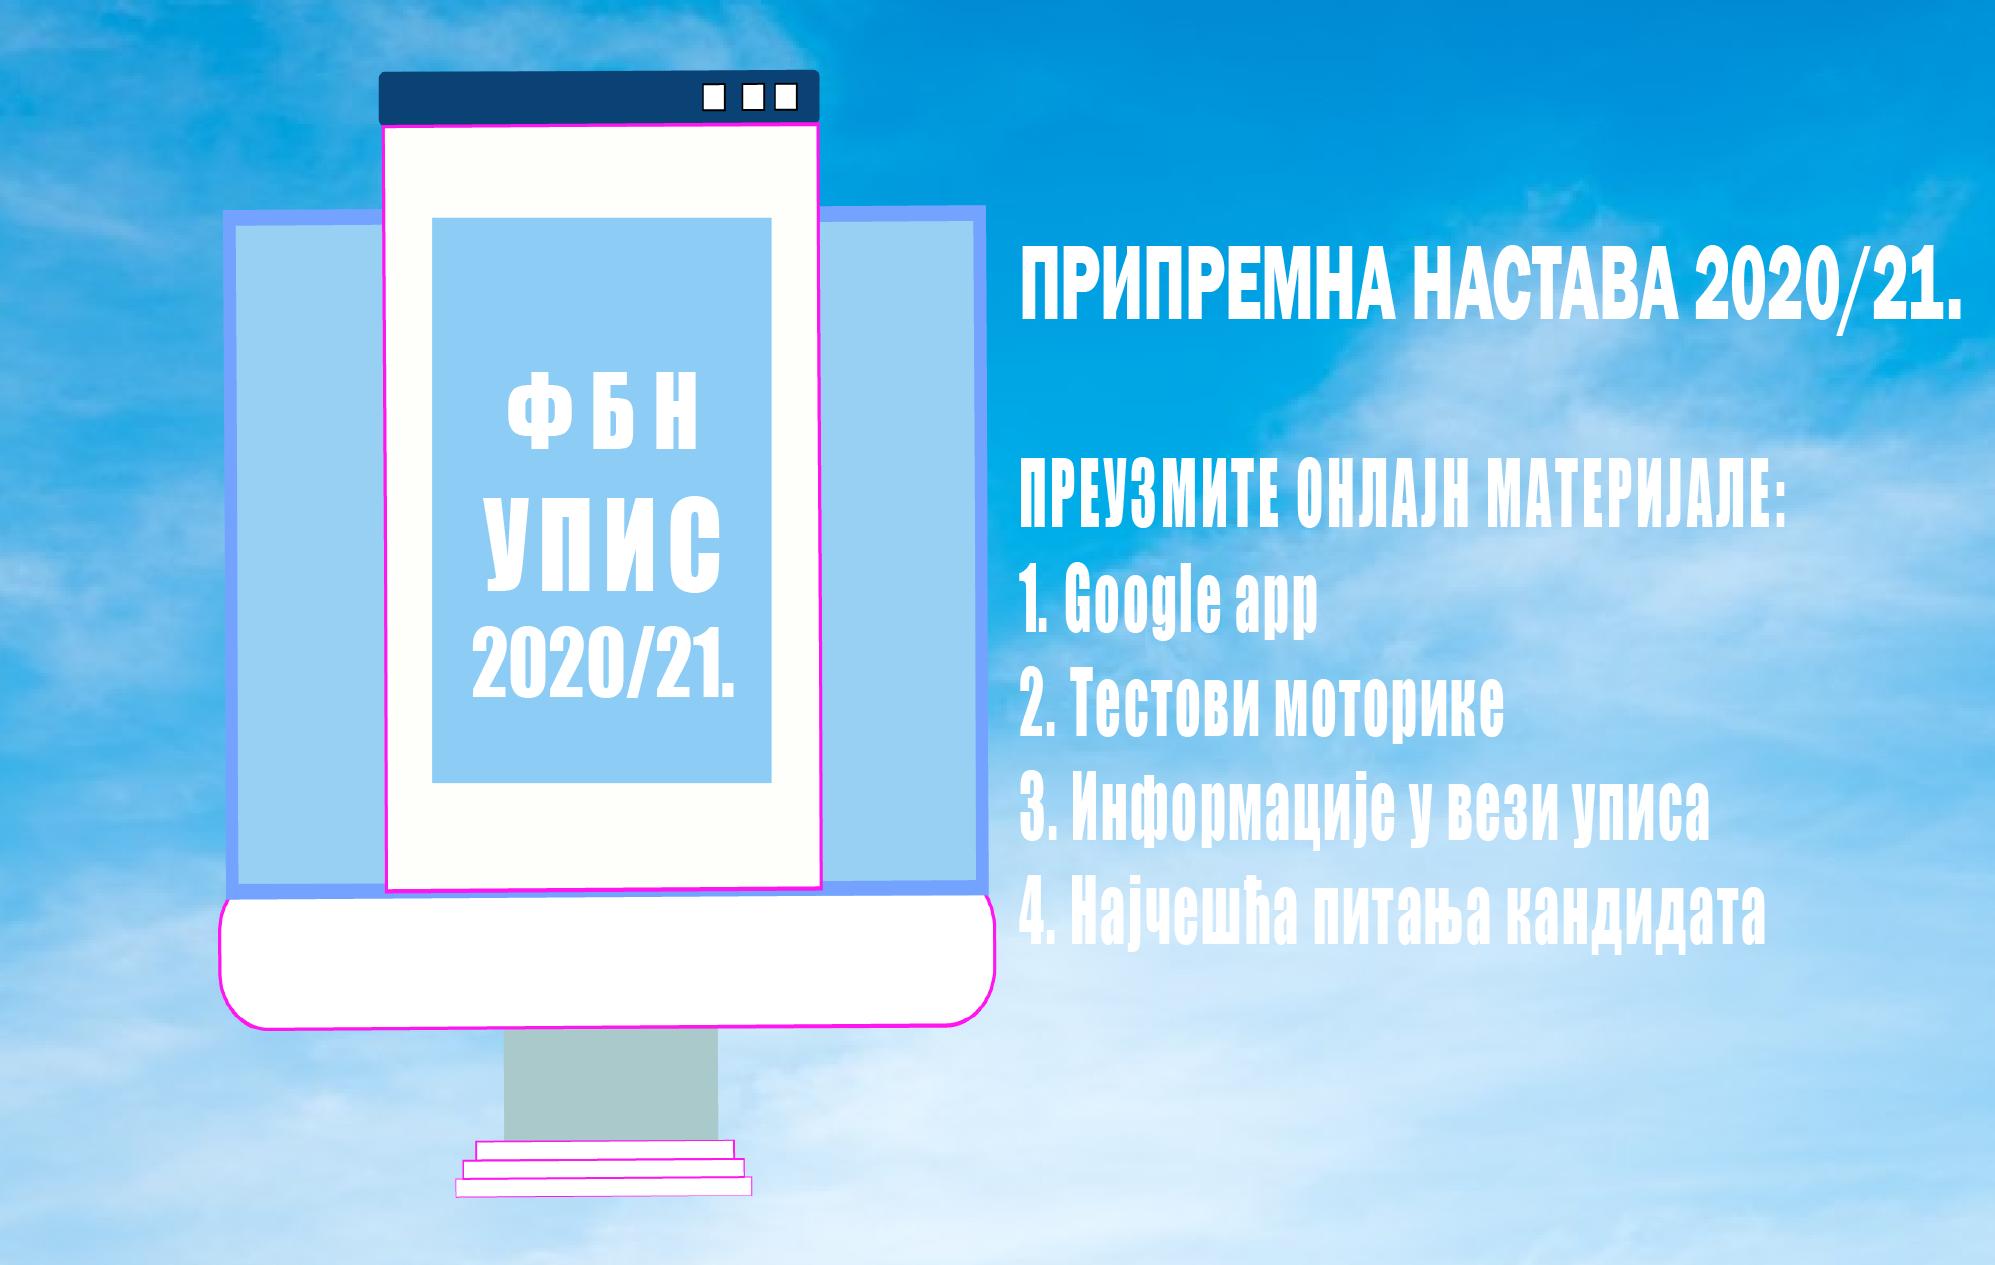 Припремна настава за упис у академску 2020/21. годину